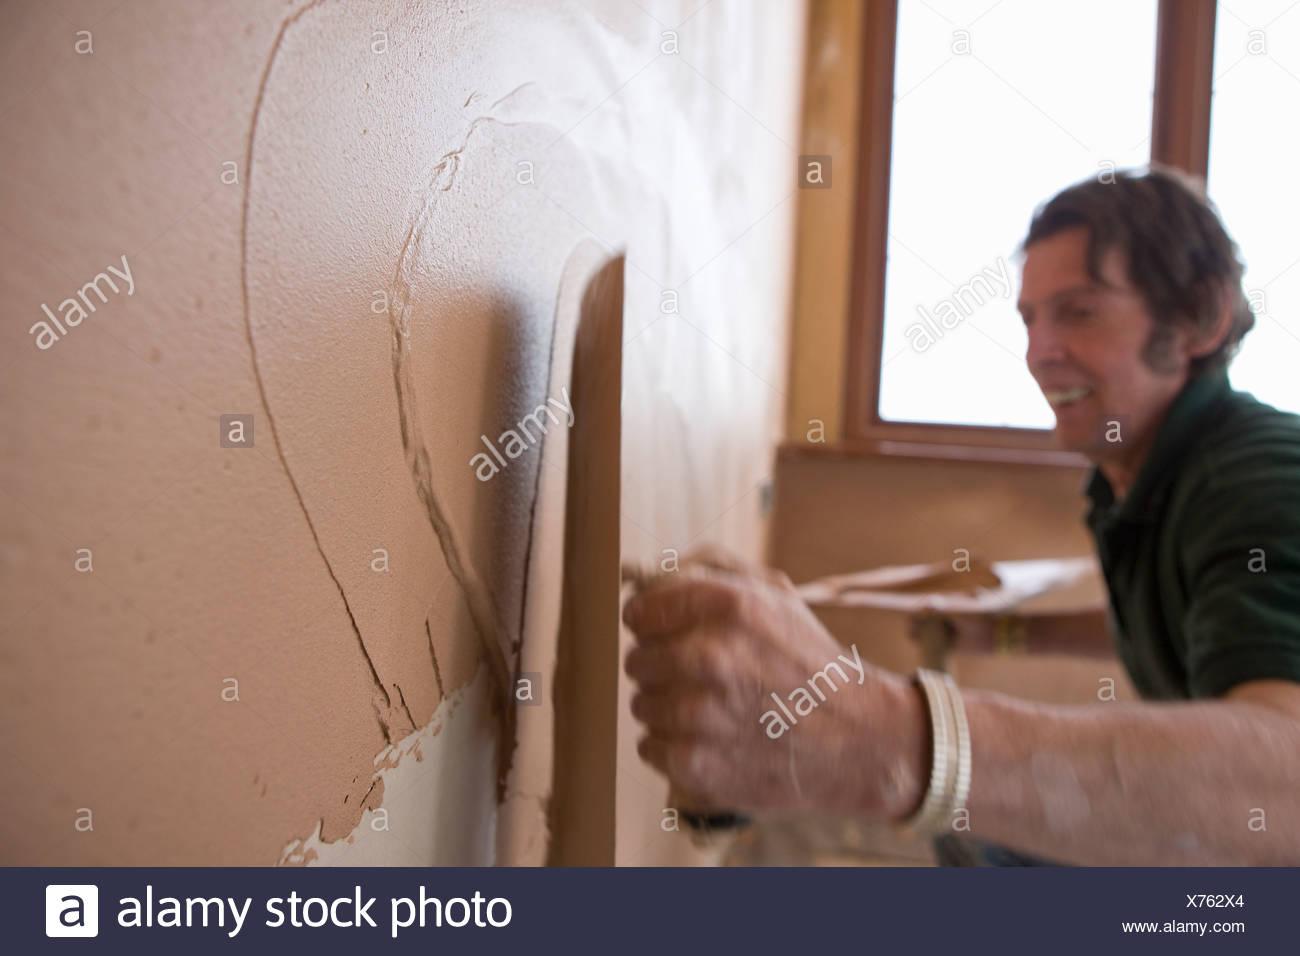 Man Verputzen Wand mit Kelle Stockfoto, Bild: 279802492 - Alamy